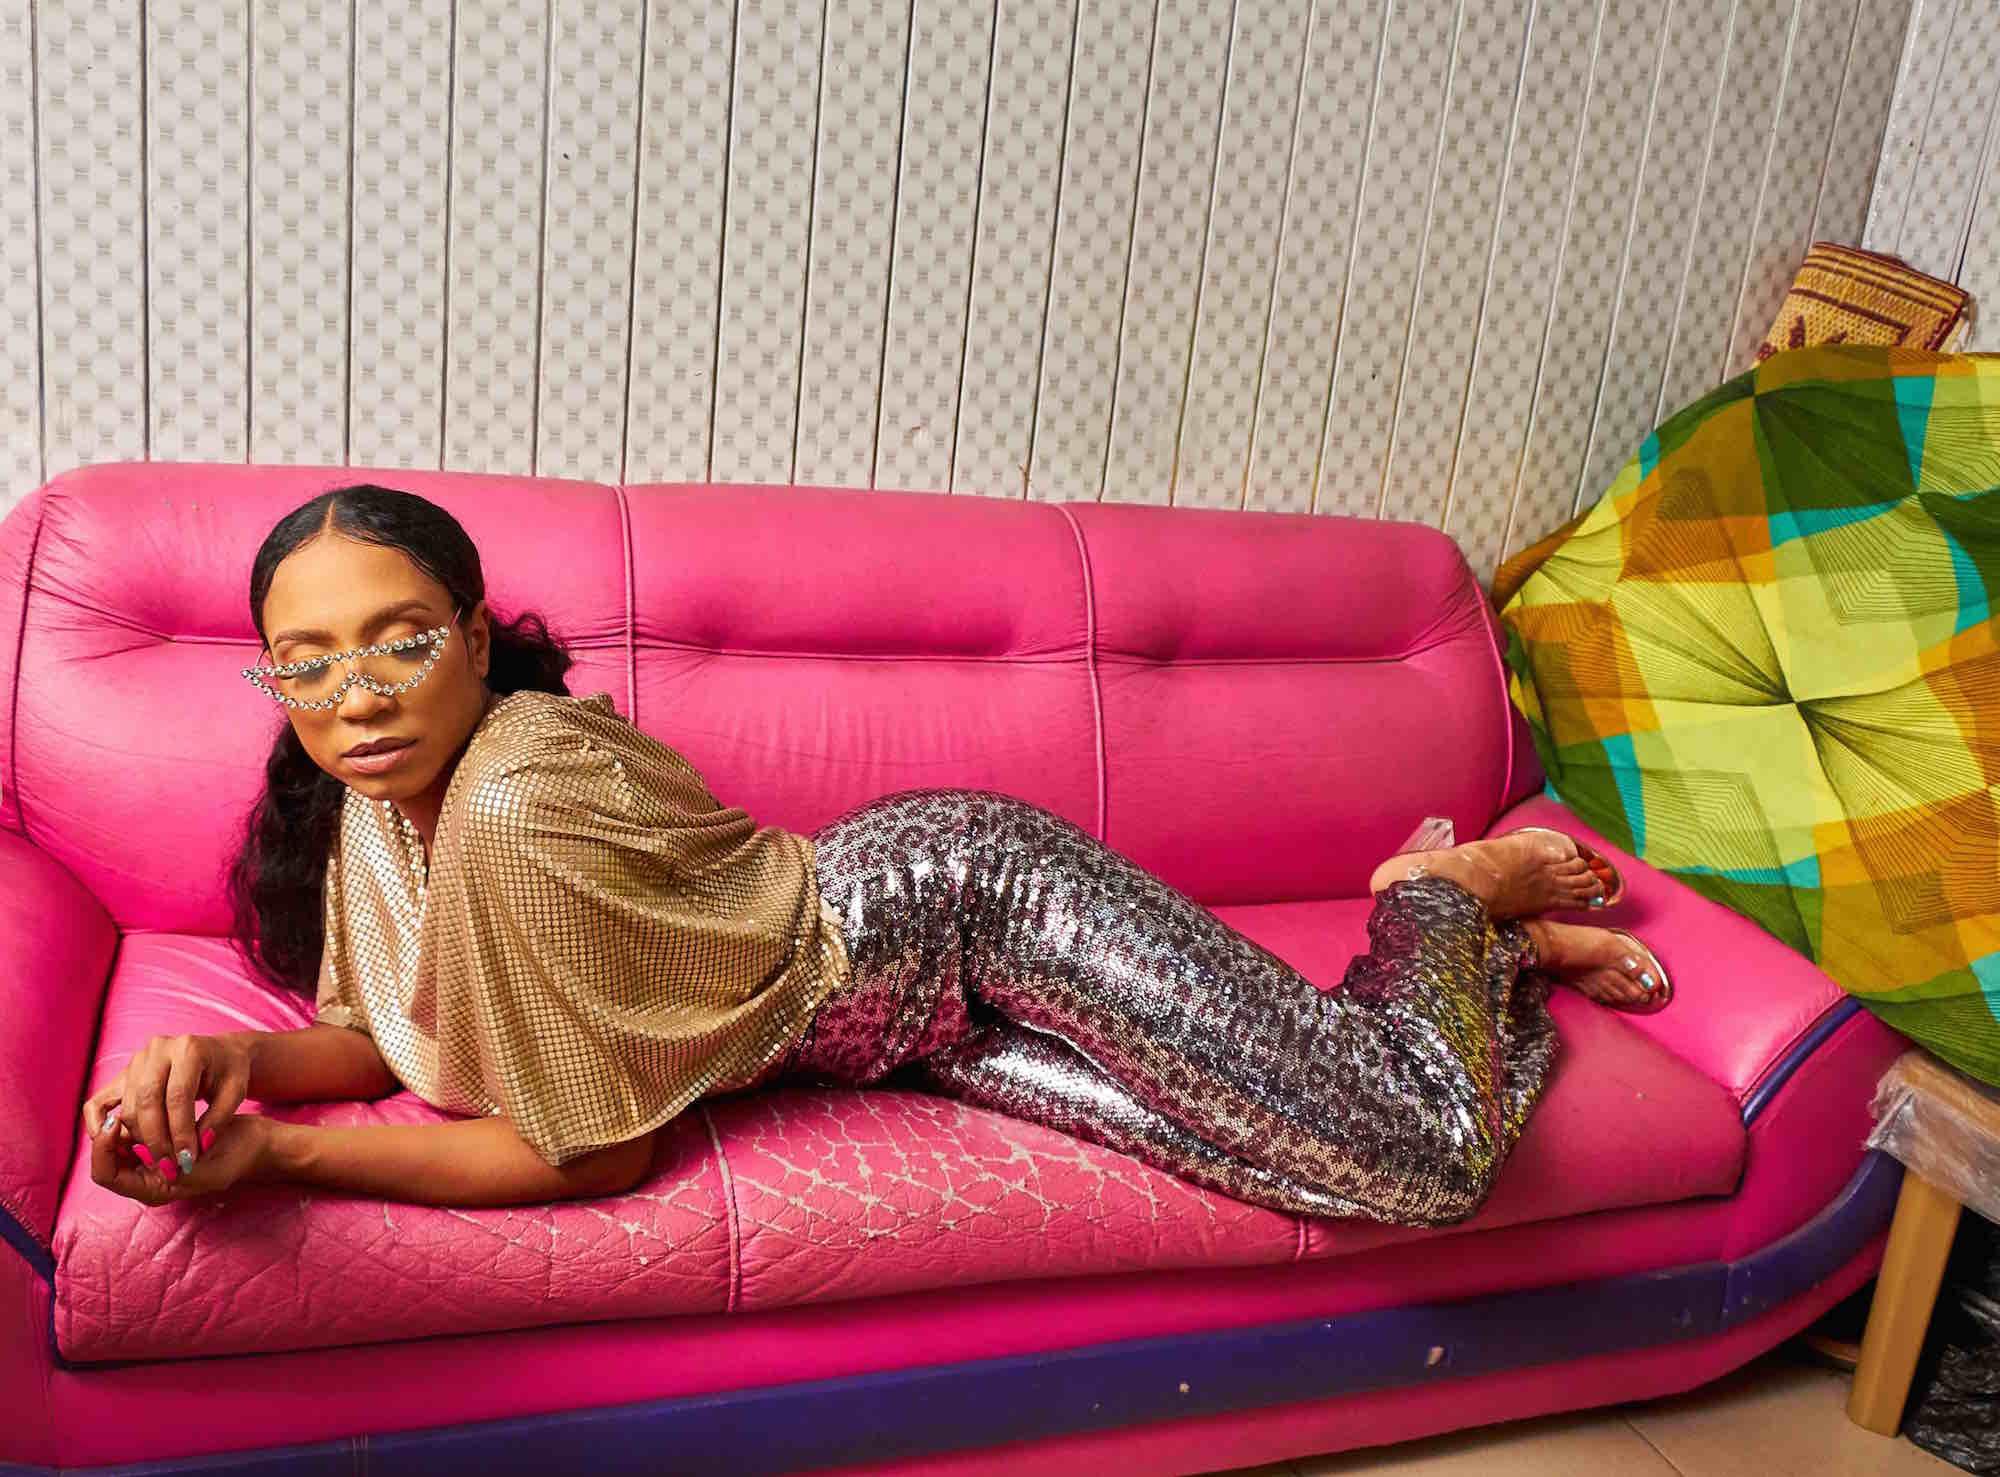 Saengerin Yakoto liegend auf einem pinken Sofa